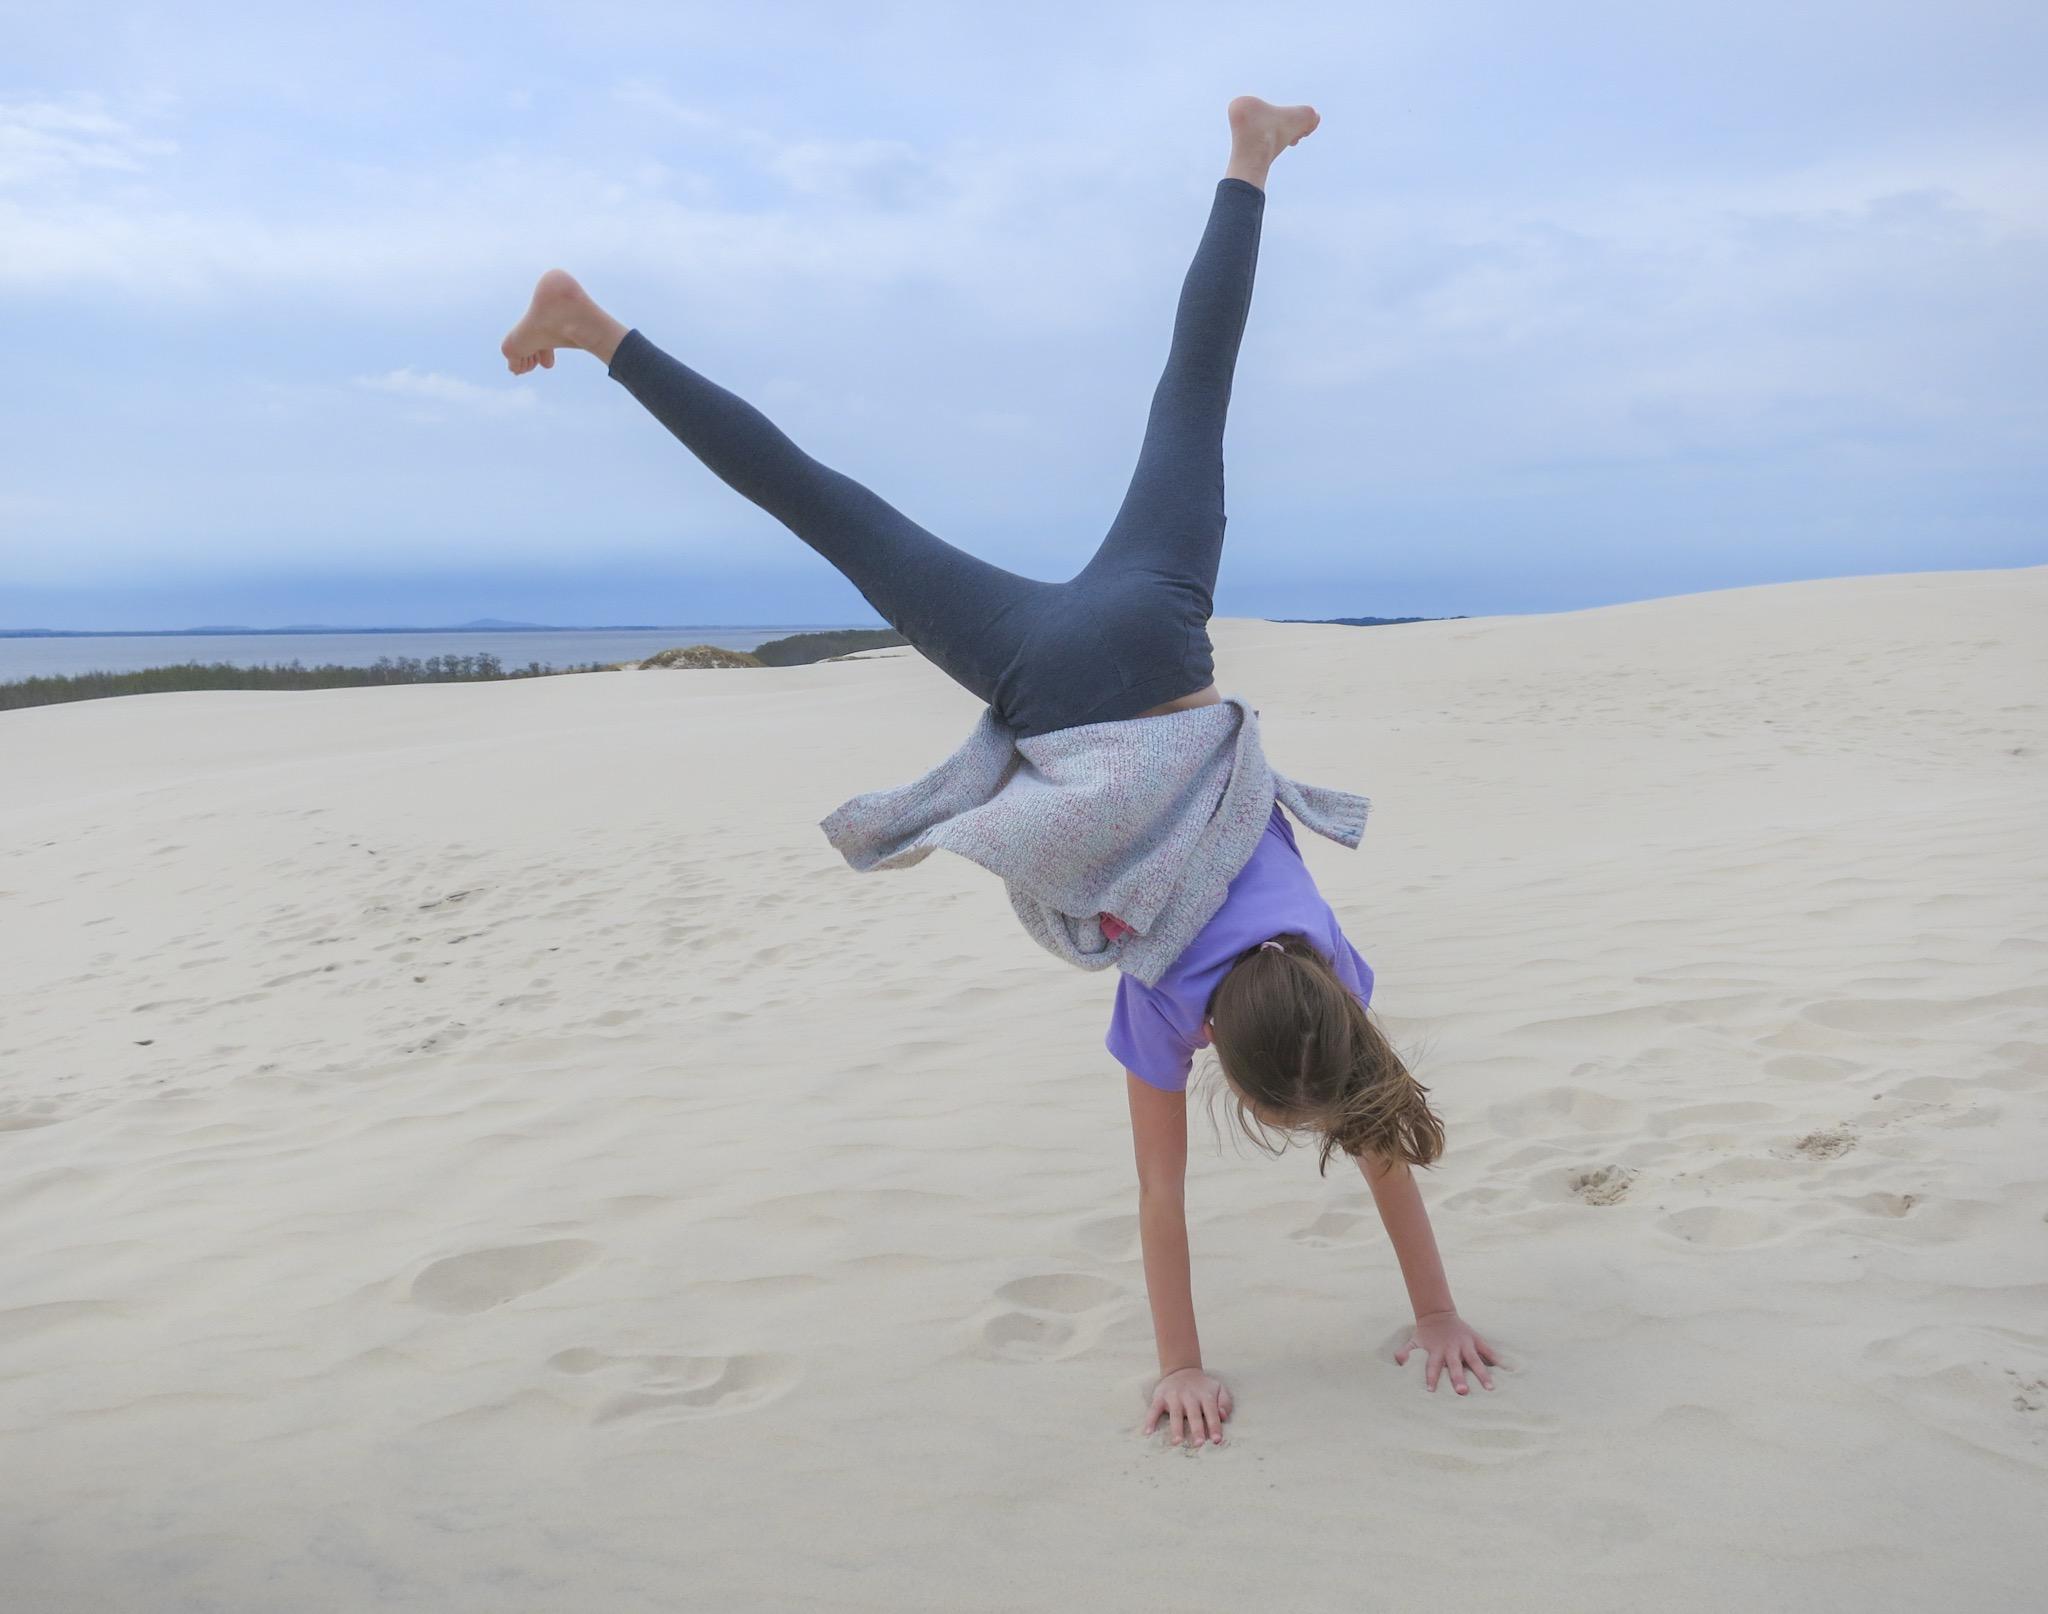 A girl does a cartwheel on the Łackca Sand Dune In Słowiński National Park